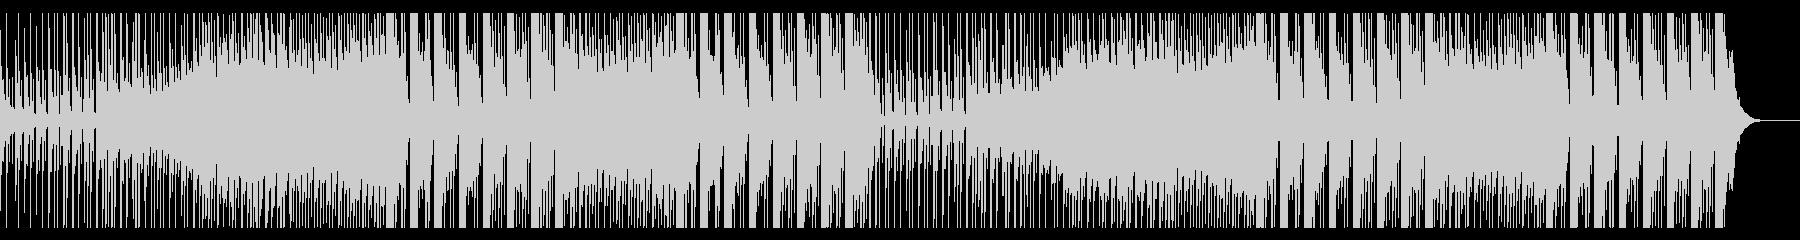 キラキラ洋楽(future pop)の未再生の波形